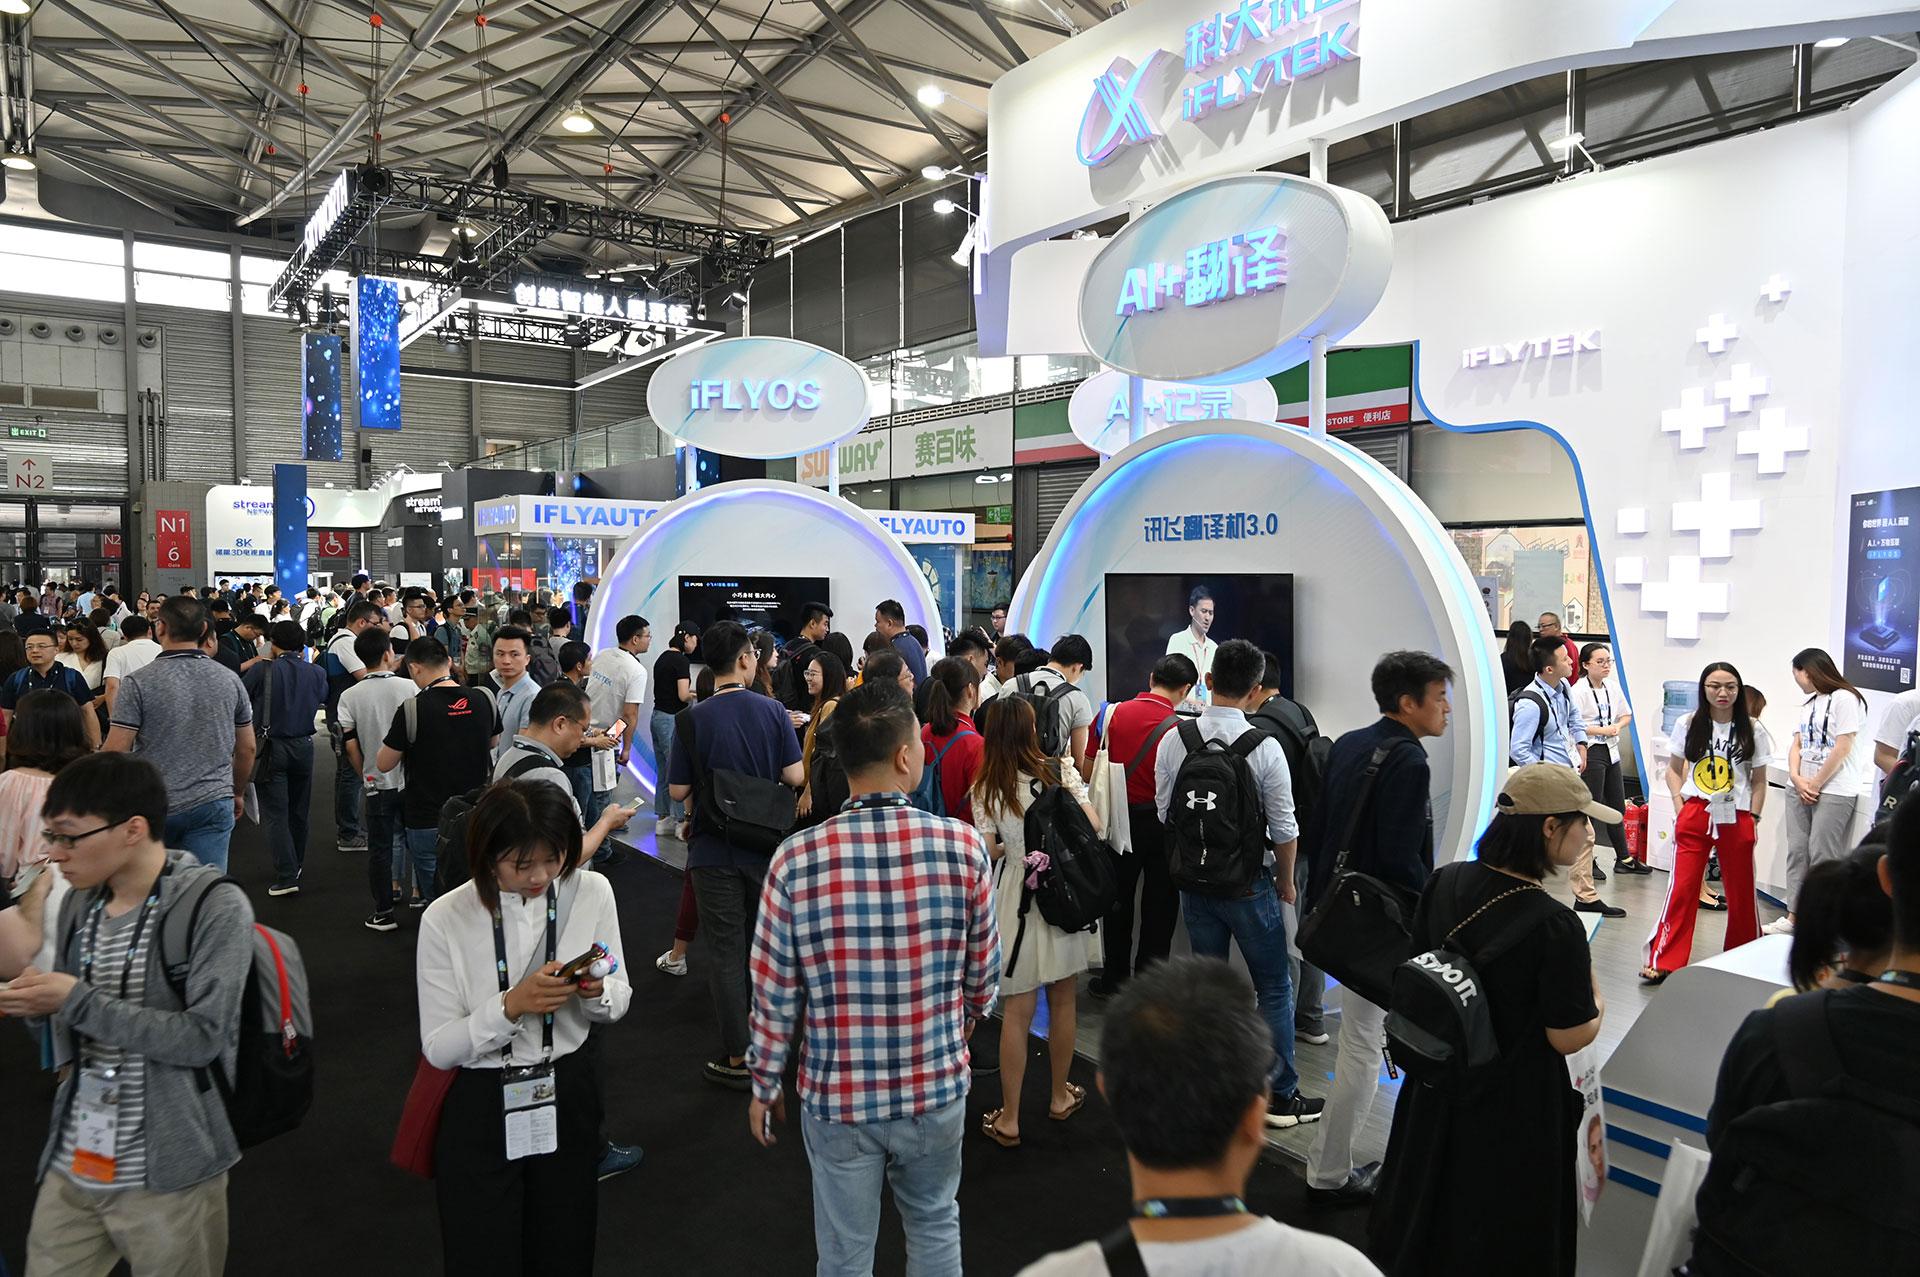 La apertura del CES Asia 2019 en Shanghai el 11 de junio de 2019. (AFP)